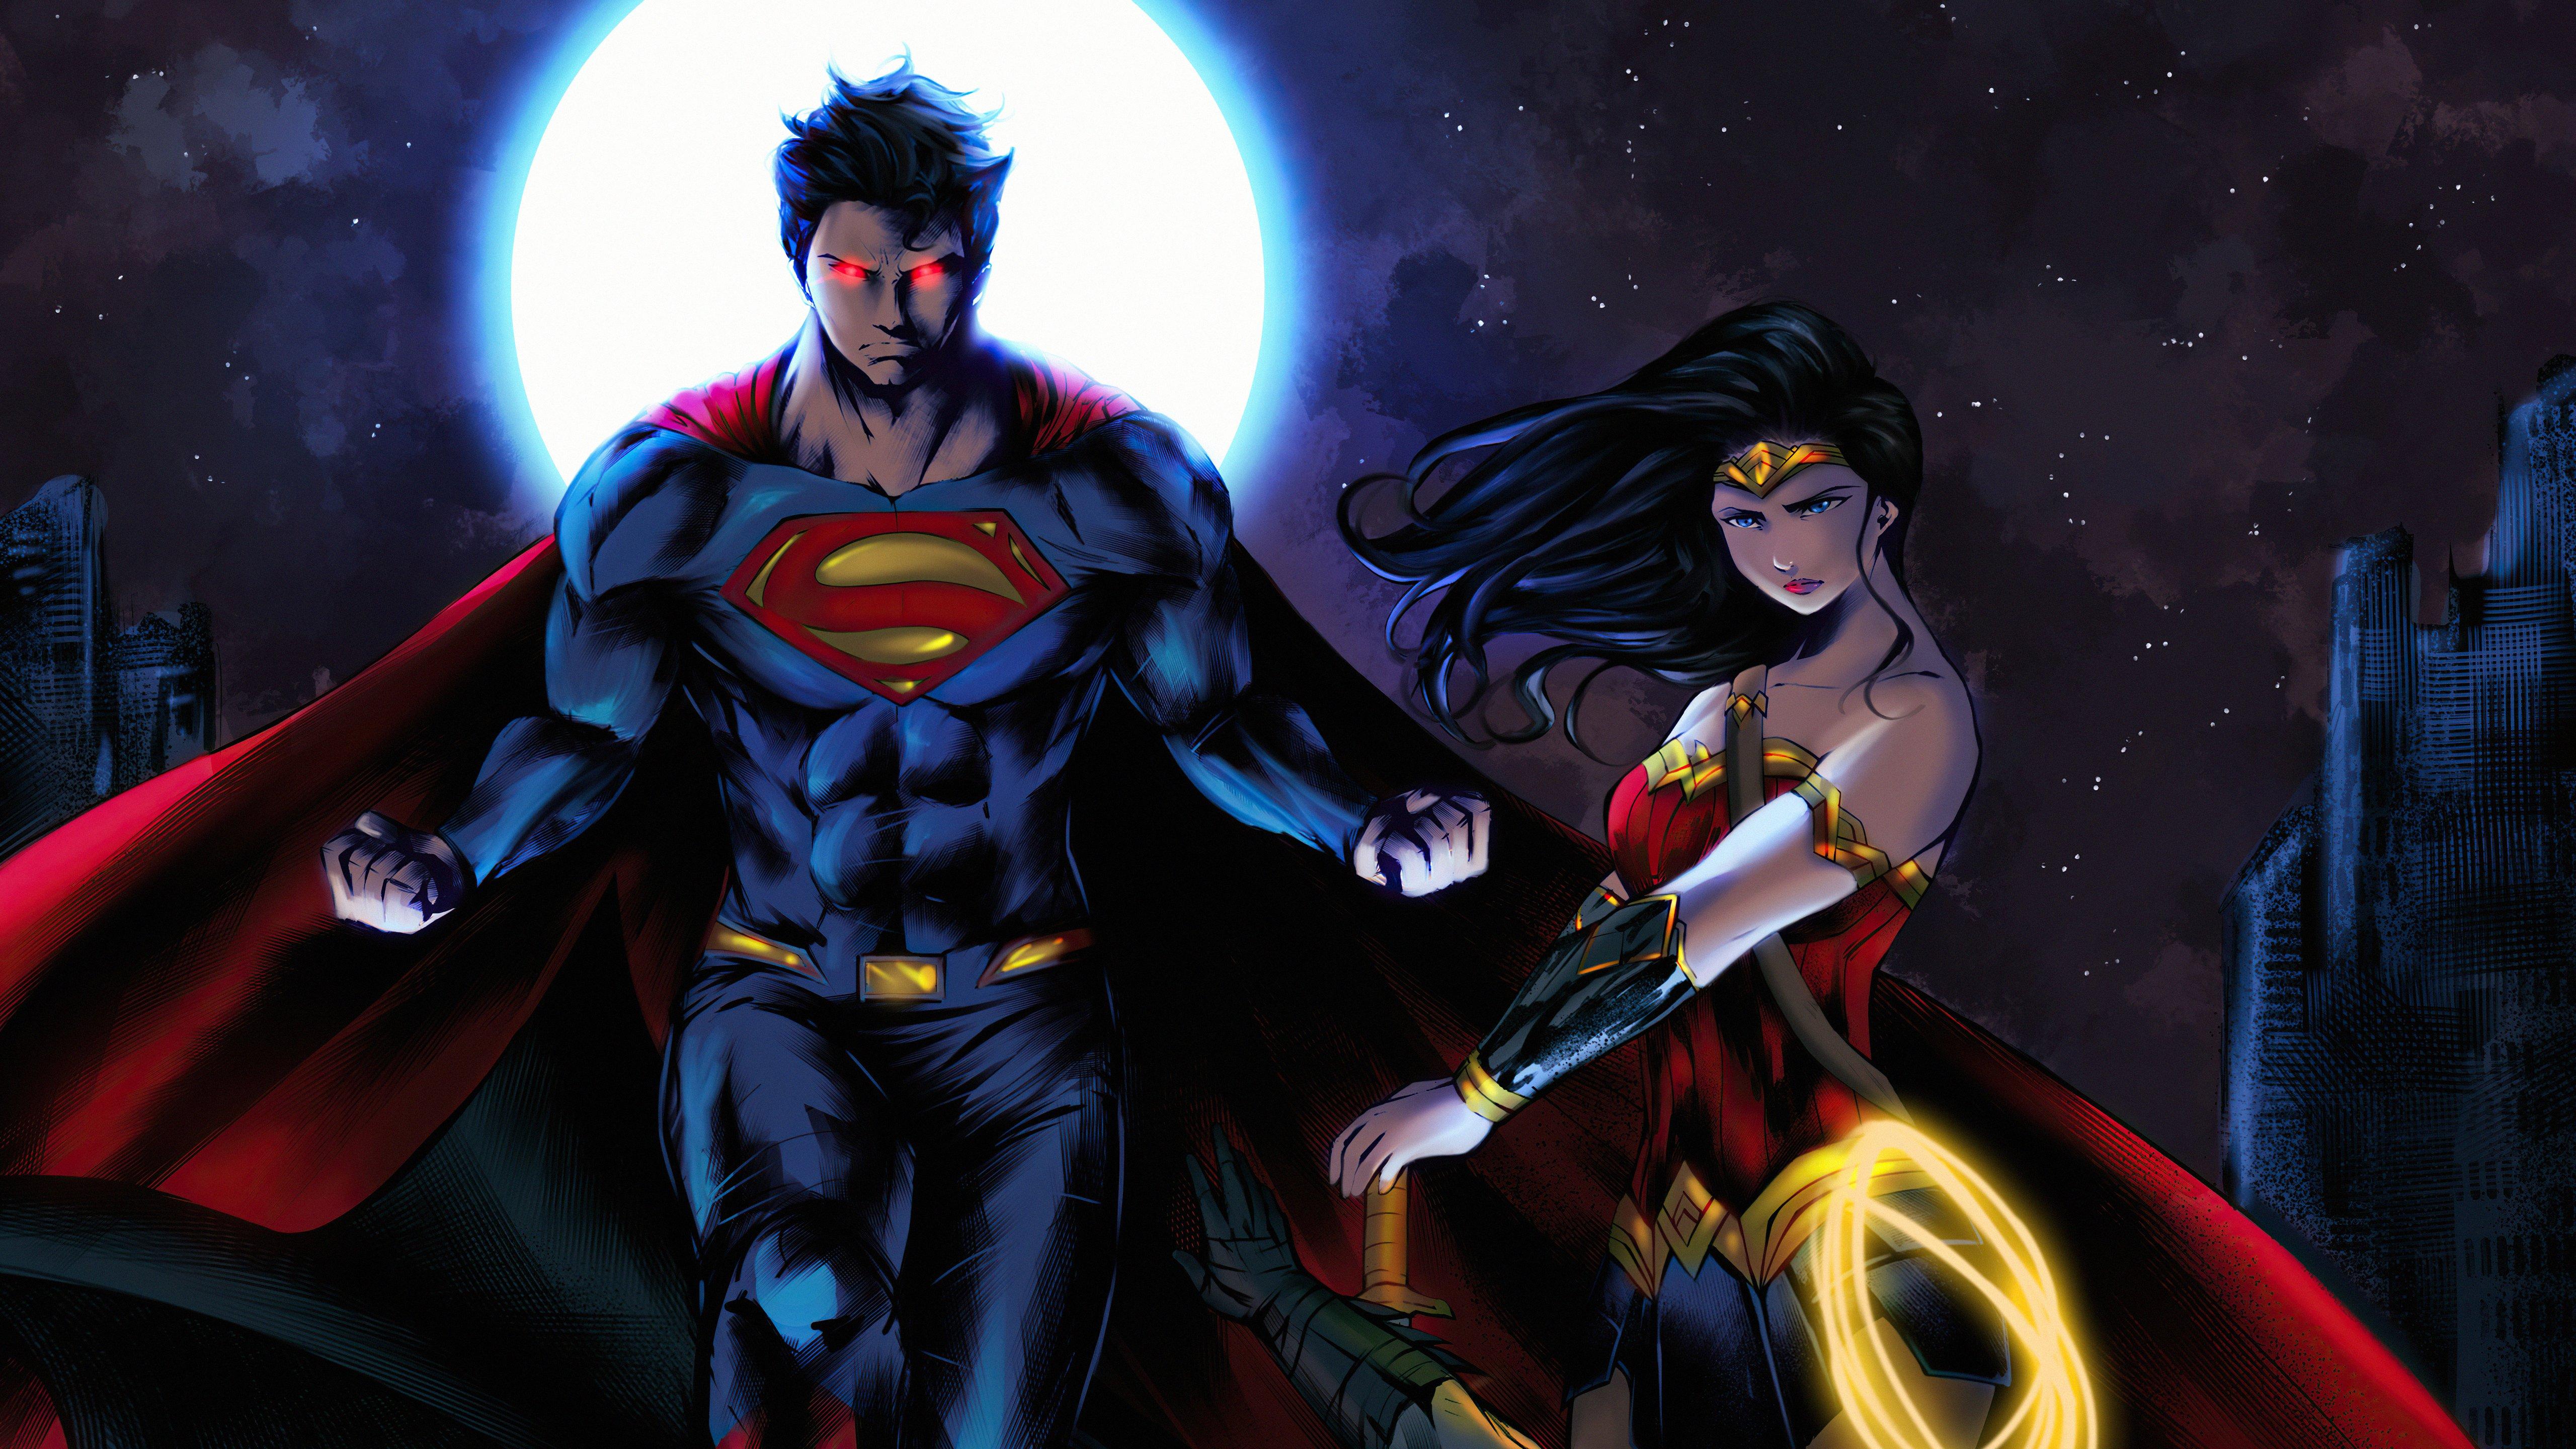 Fondos de pantalla Superman y la mujer maravilla Fanart